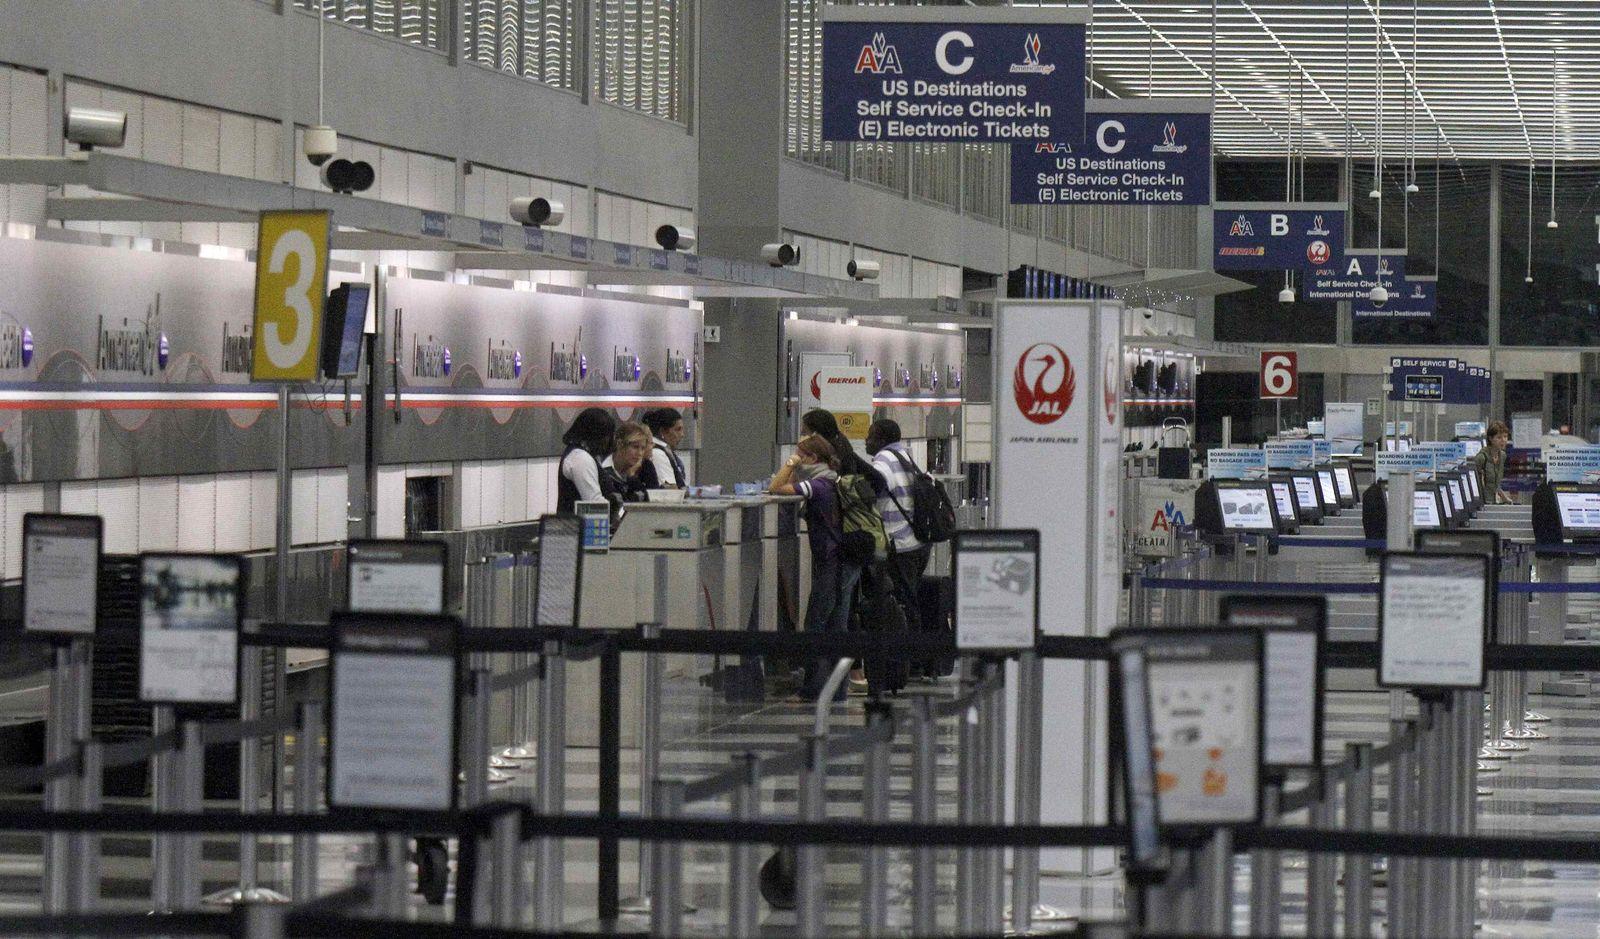 Irene / Airport